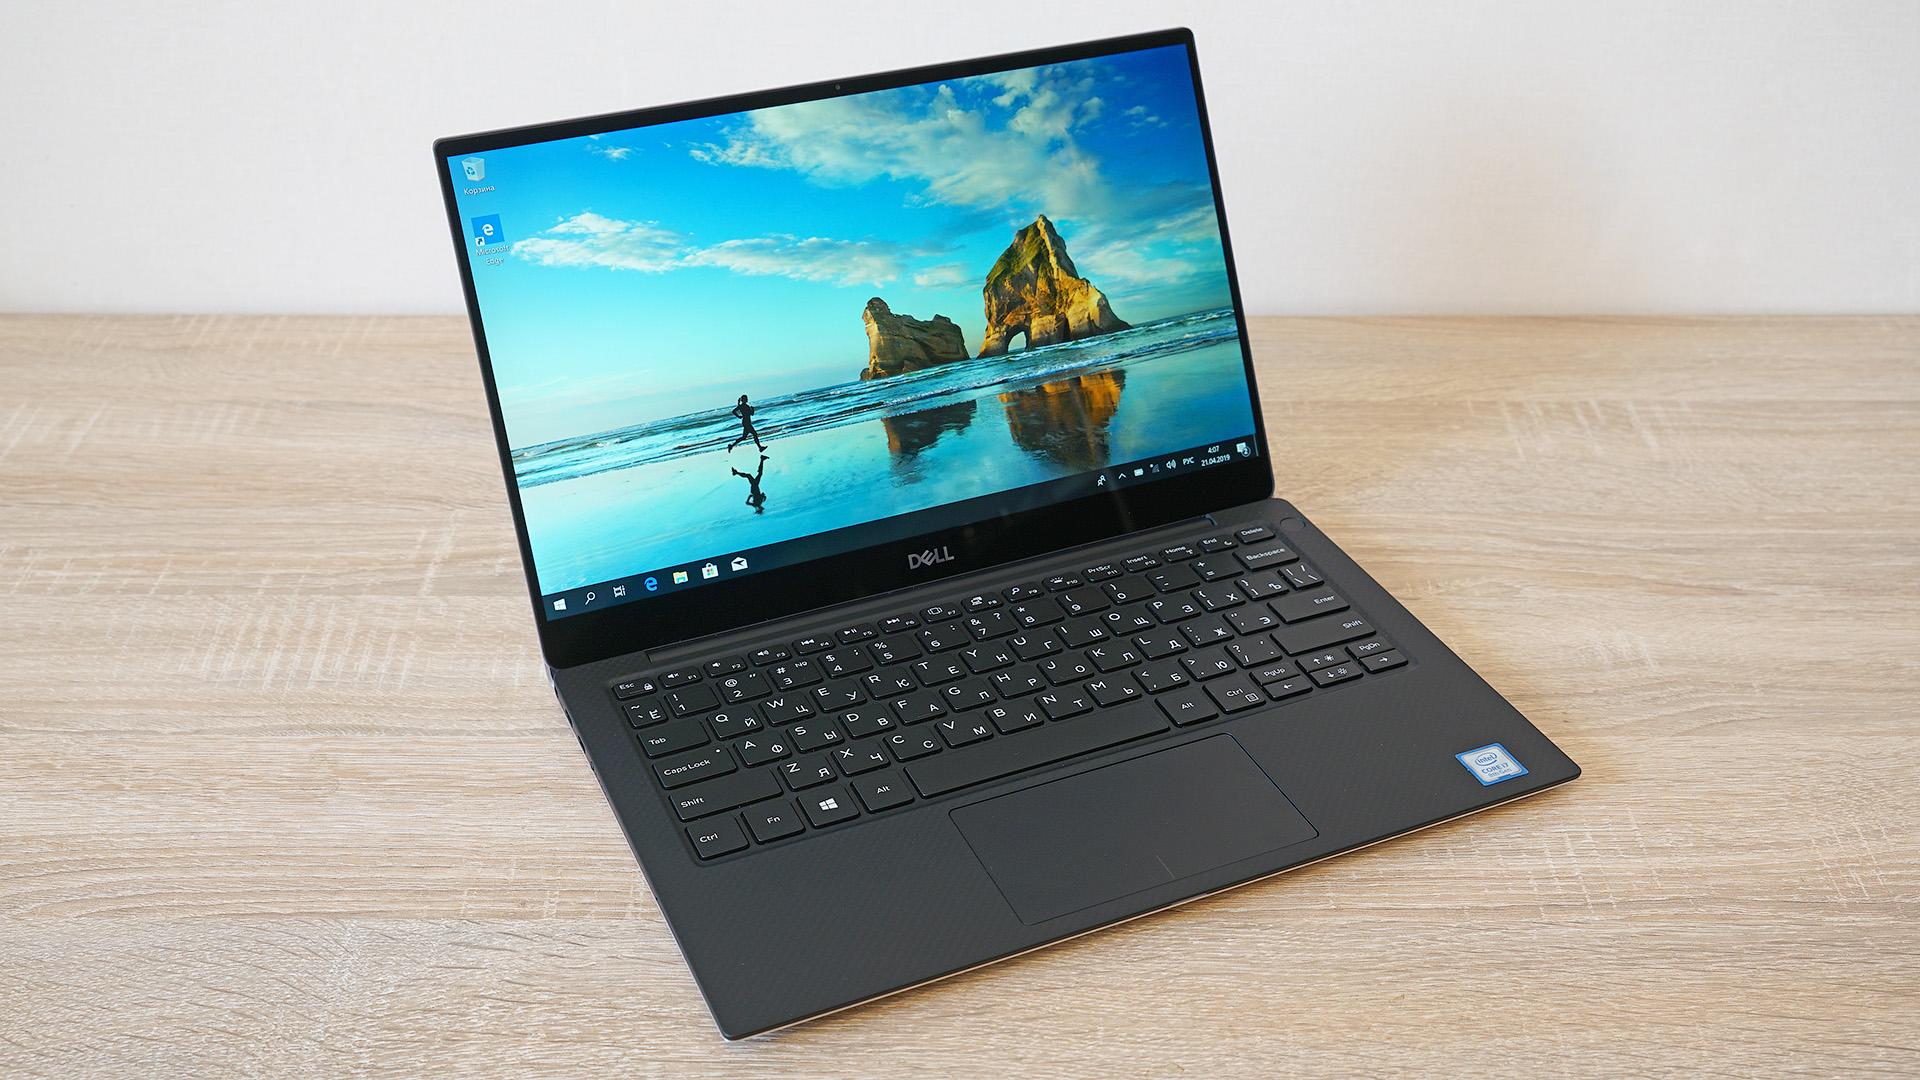 Dell XPS 13 9380: надёжный и очень компактный ноутбук для серьёзных дел